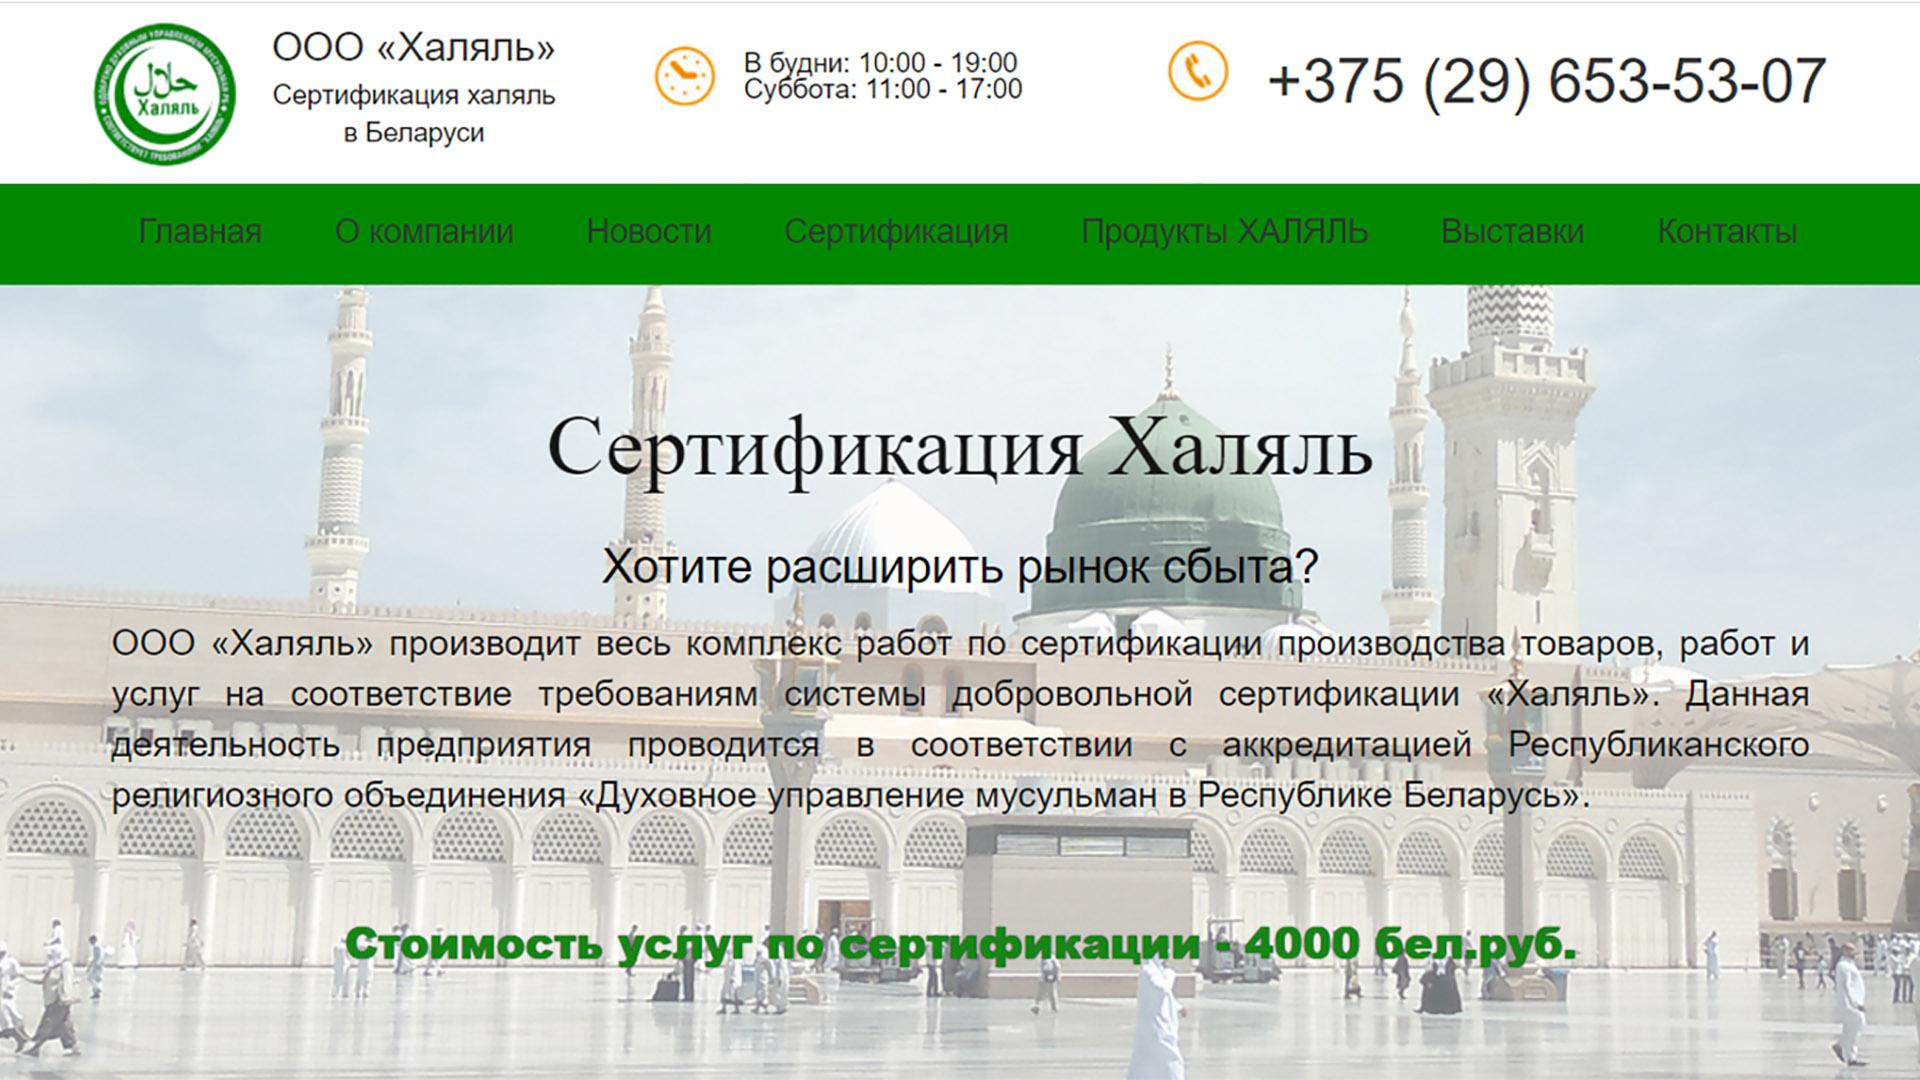 Официальный сайт ООО Халяль